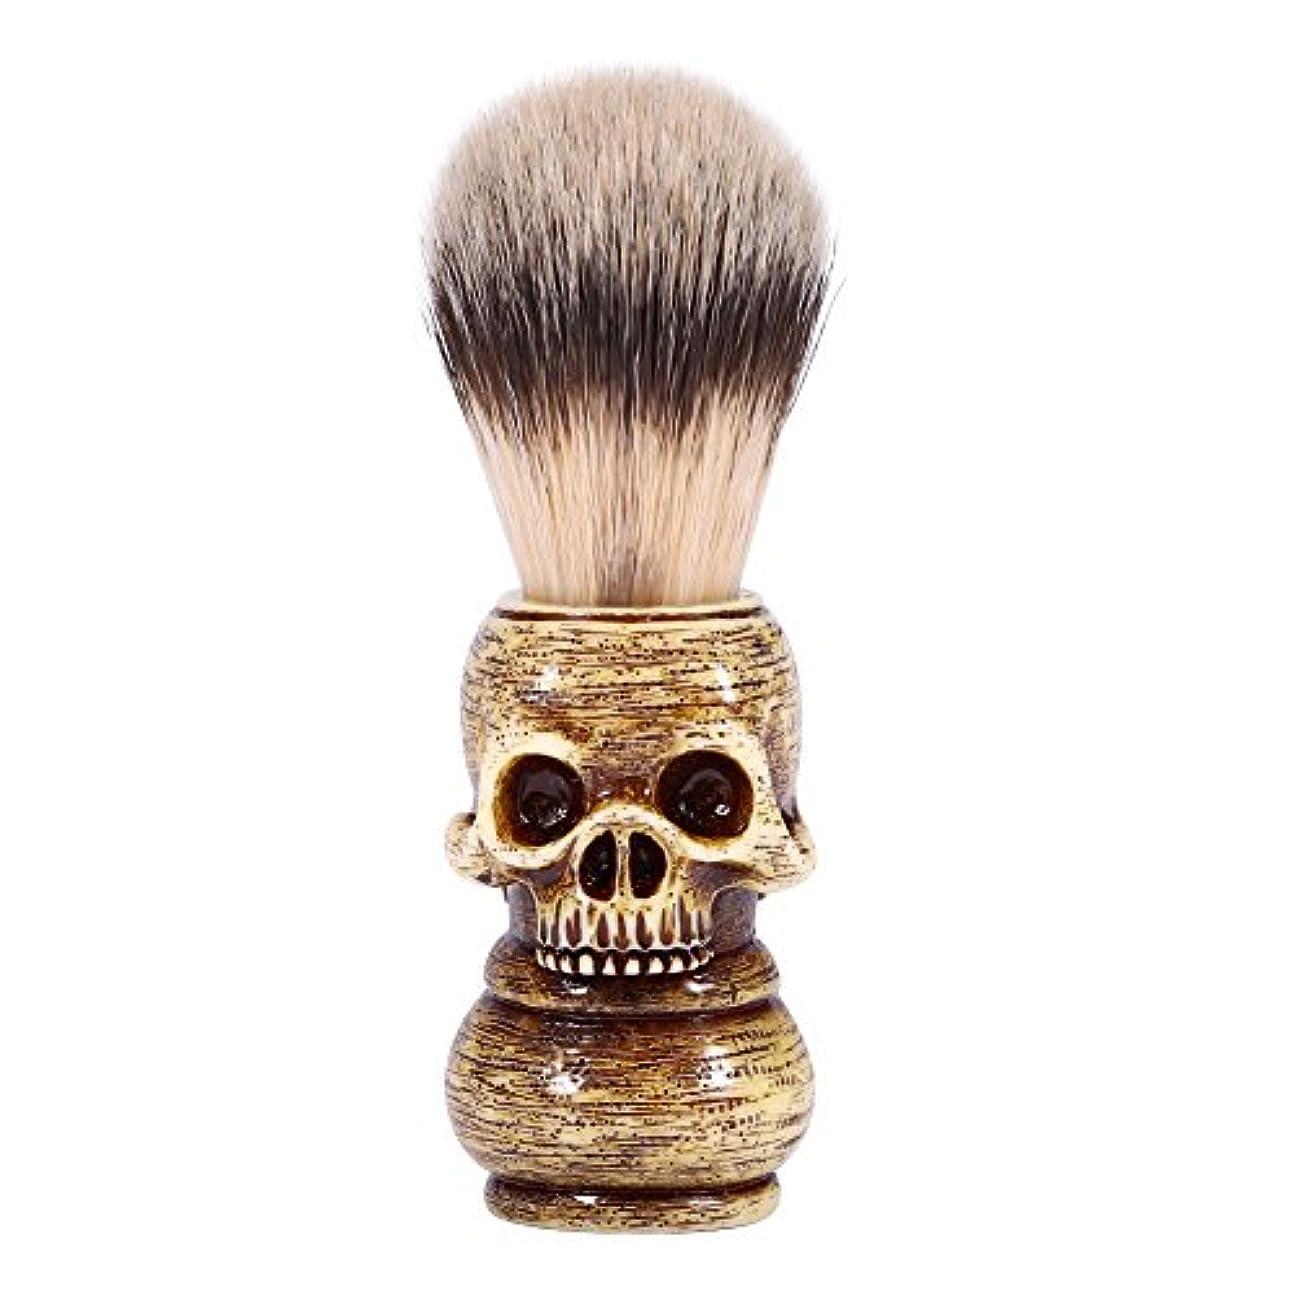 シミュレートする今までナースシェービングブラシ メンズ グルーミングツール メイクアップ サロン ビアードシェービングブラシ ひげ 洗顔 髭剃り 男性 ギフト理容